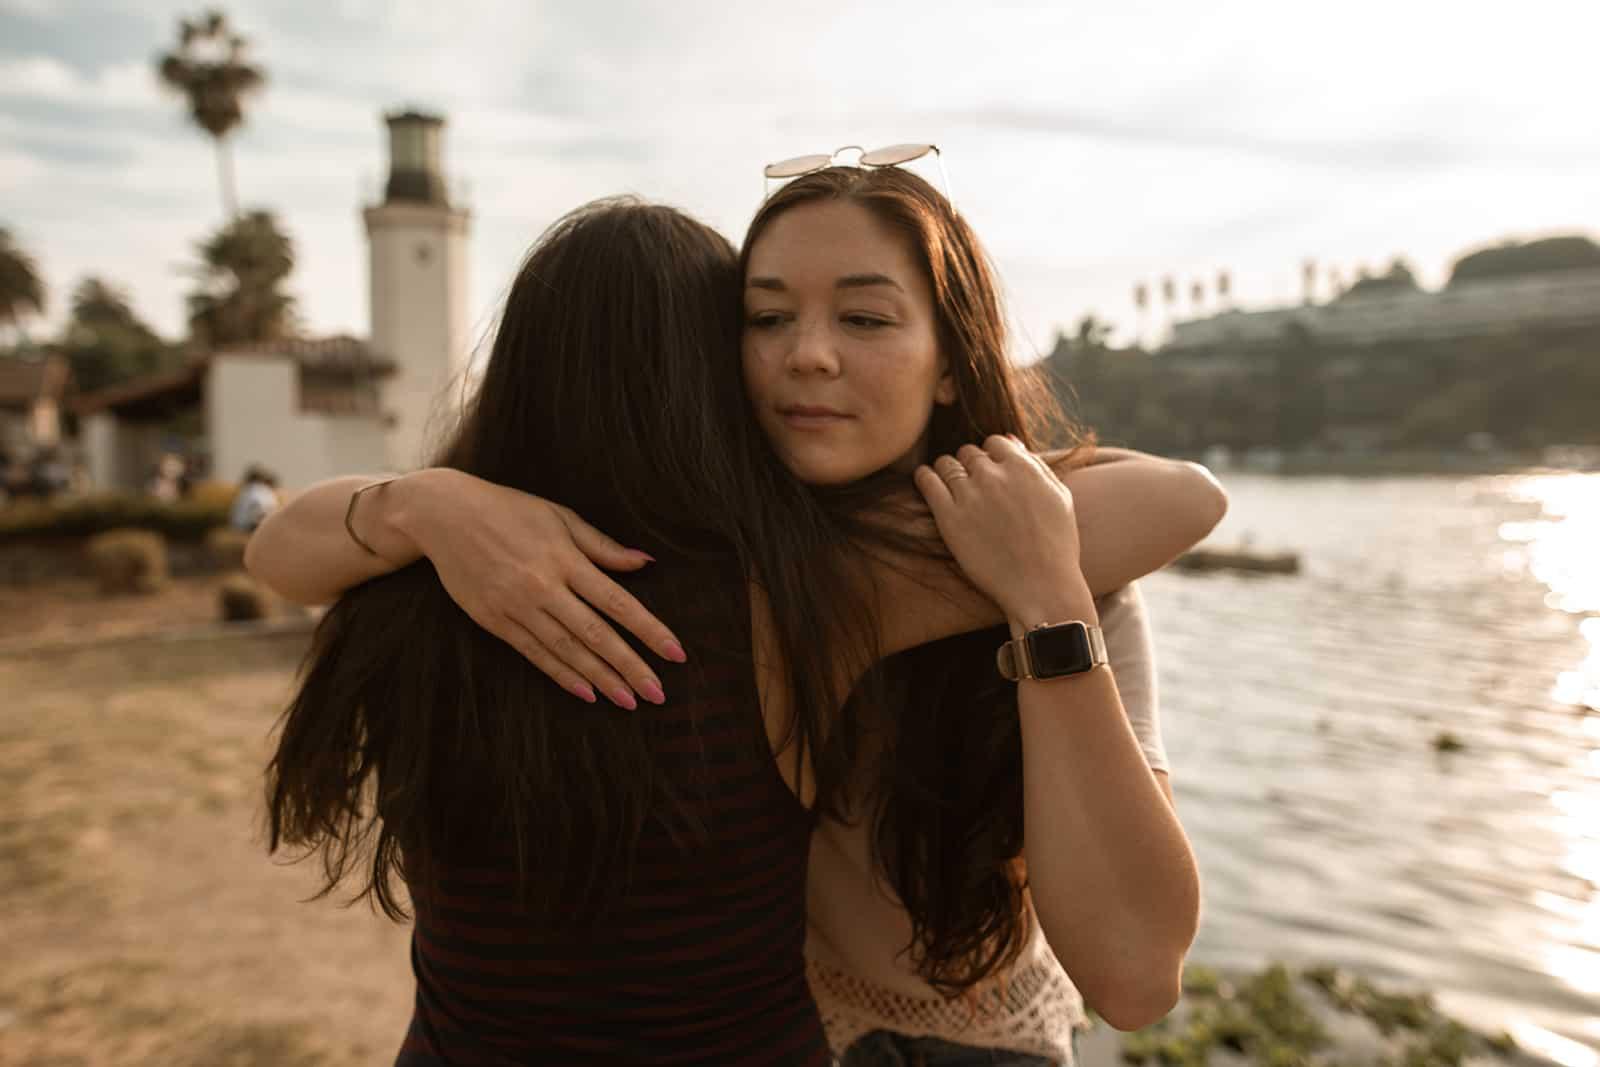 eine Frau umarmt ihre Freundin und tröstet sie